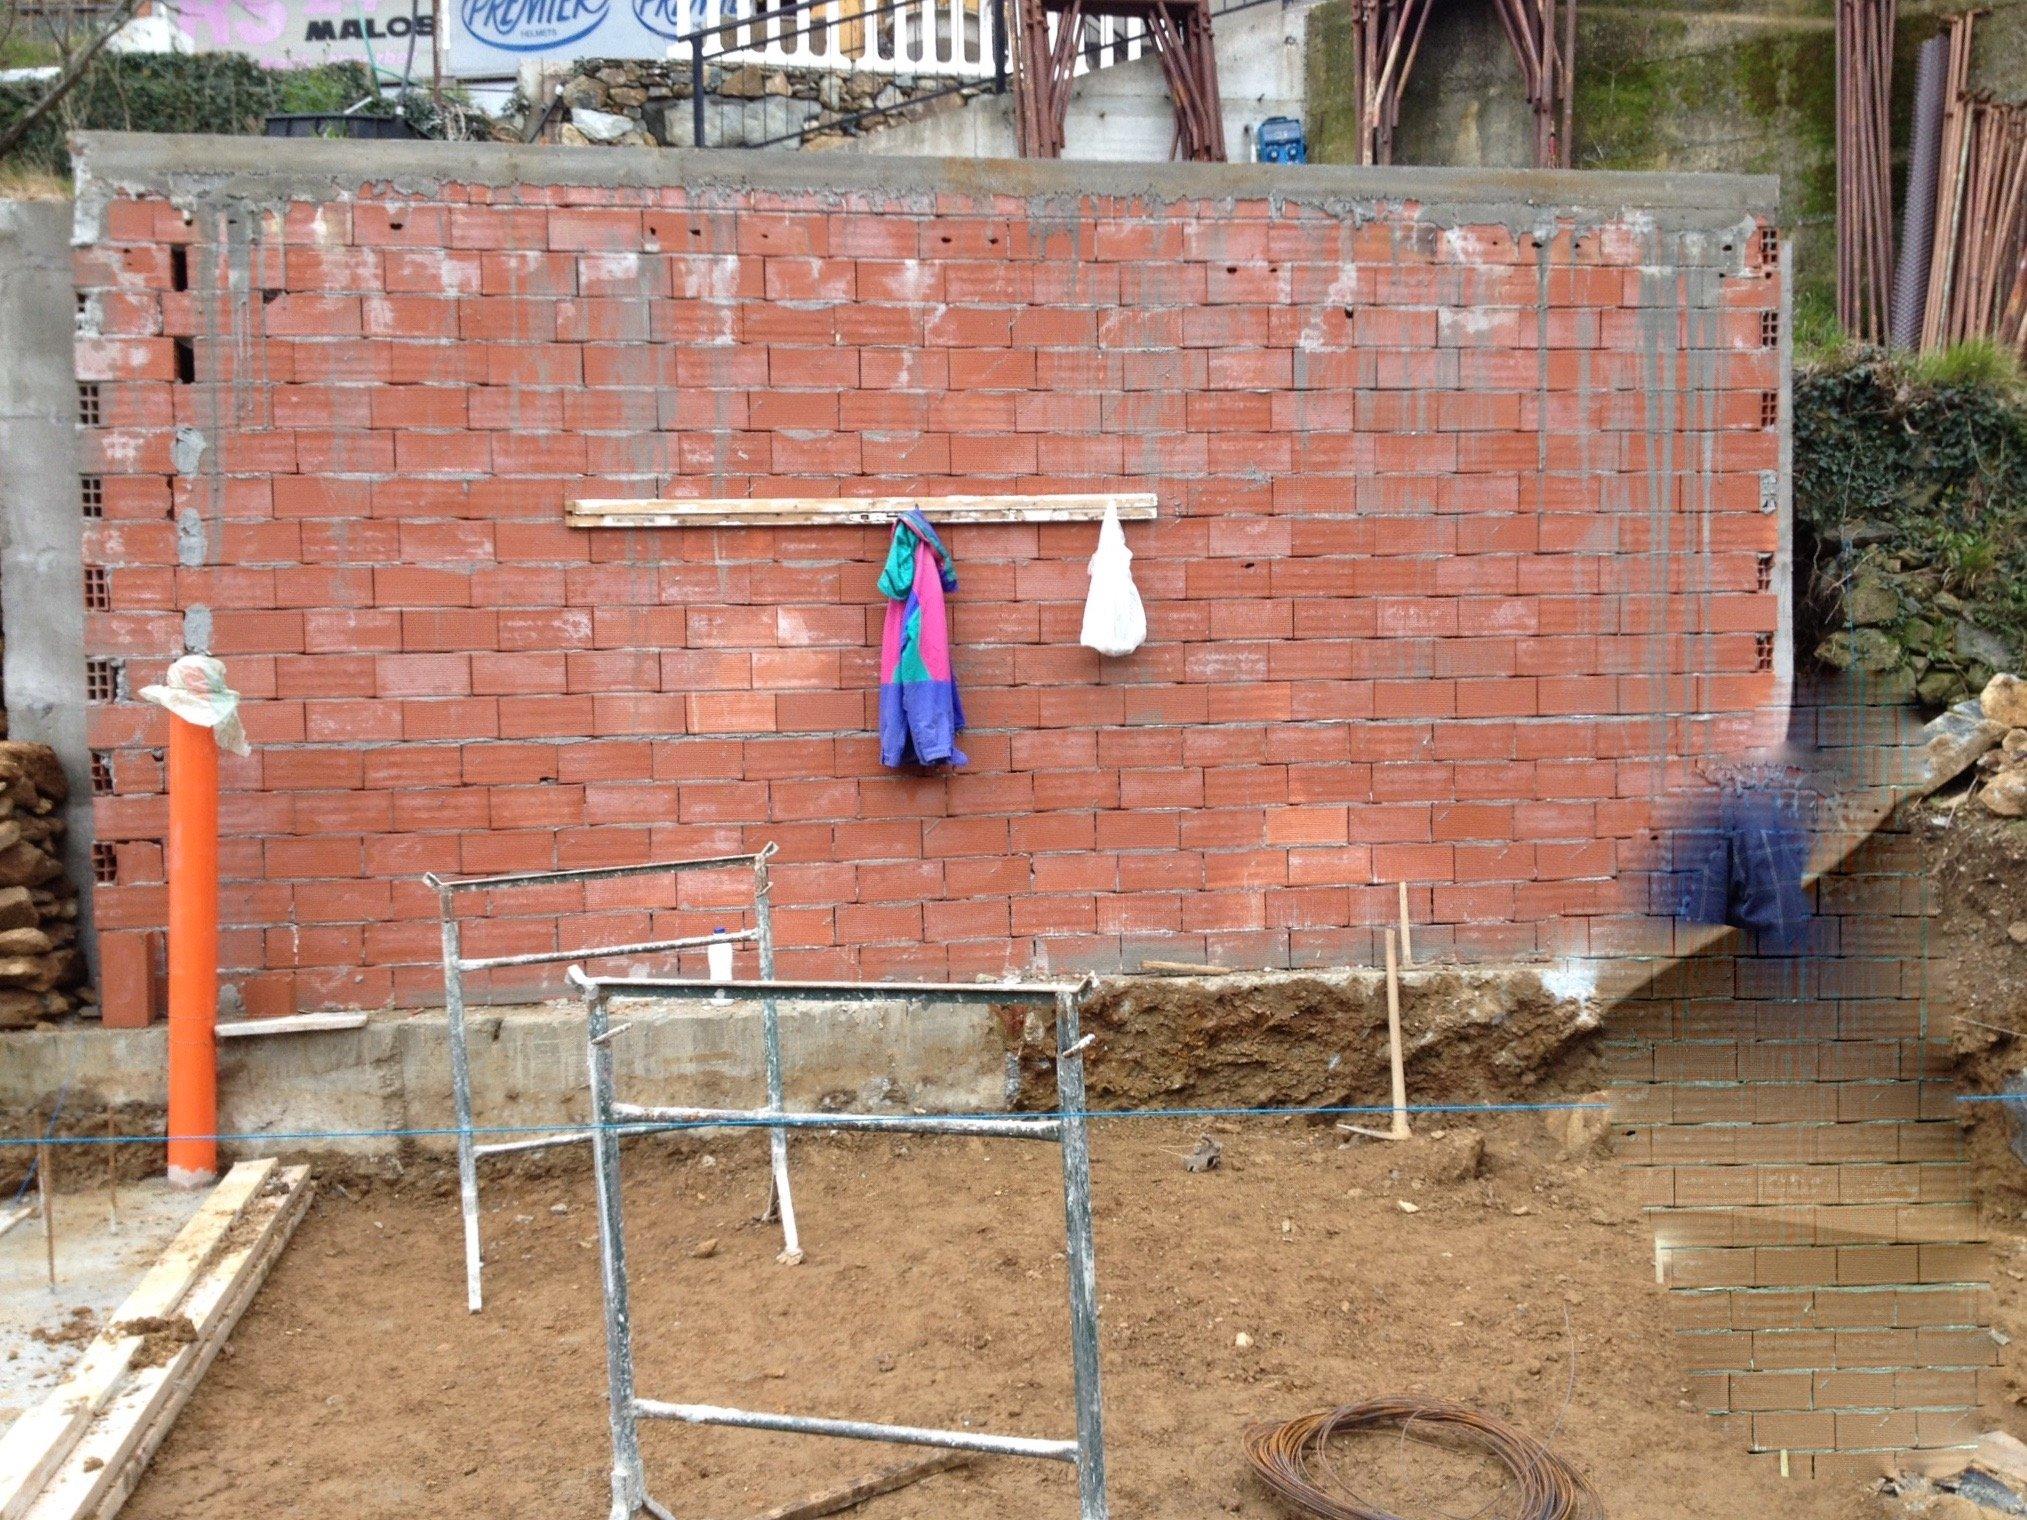 Fondamenta di fronte a una parete in mattoni rossi